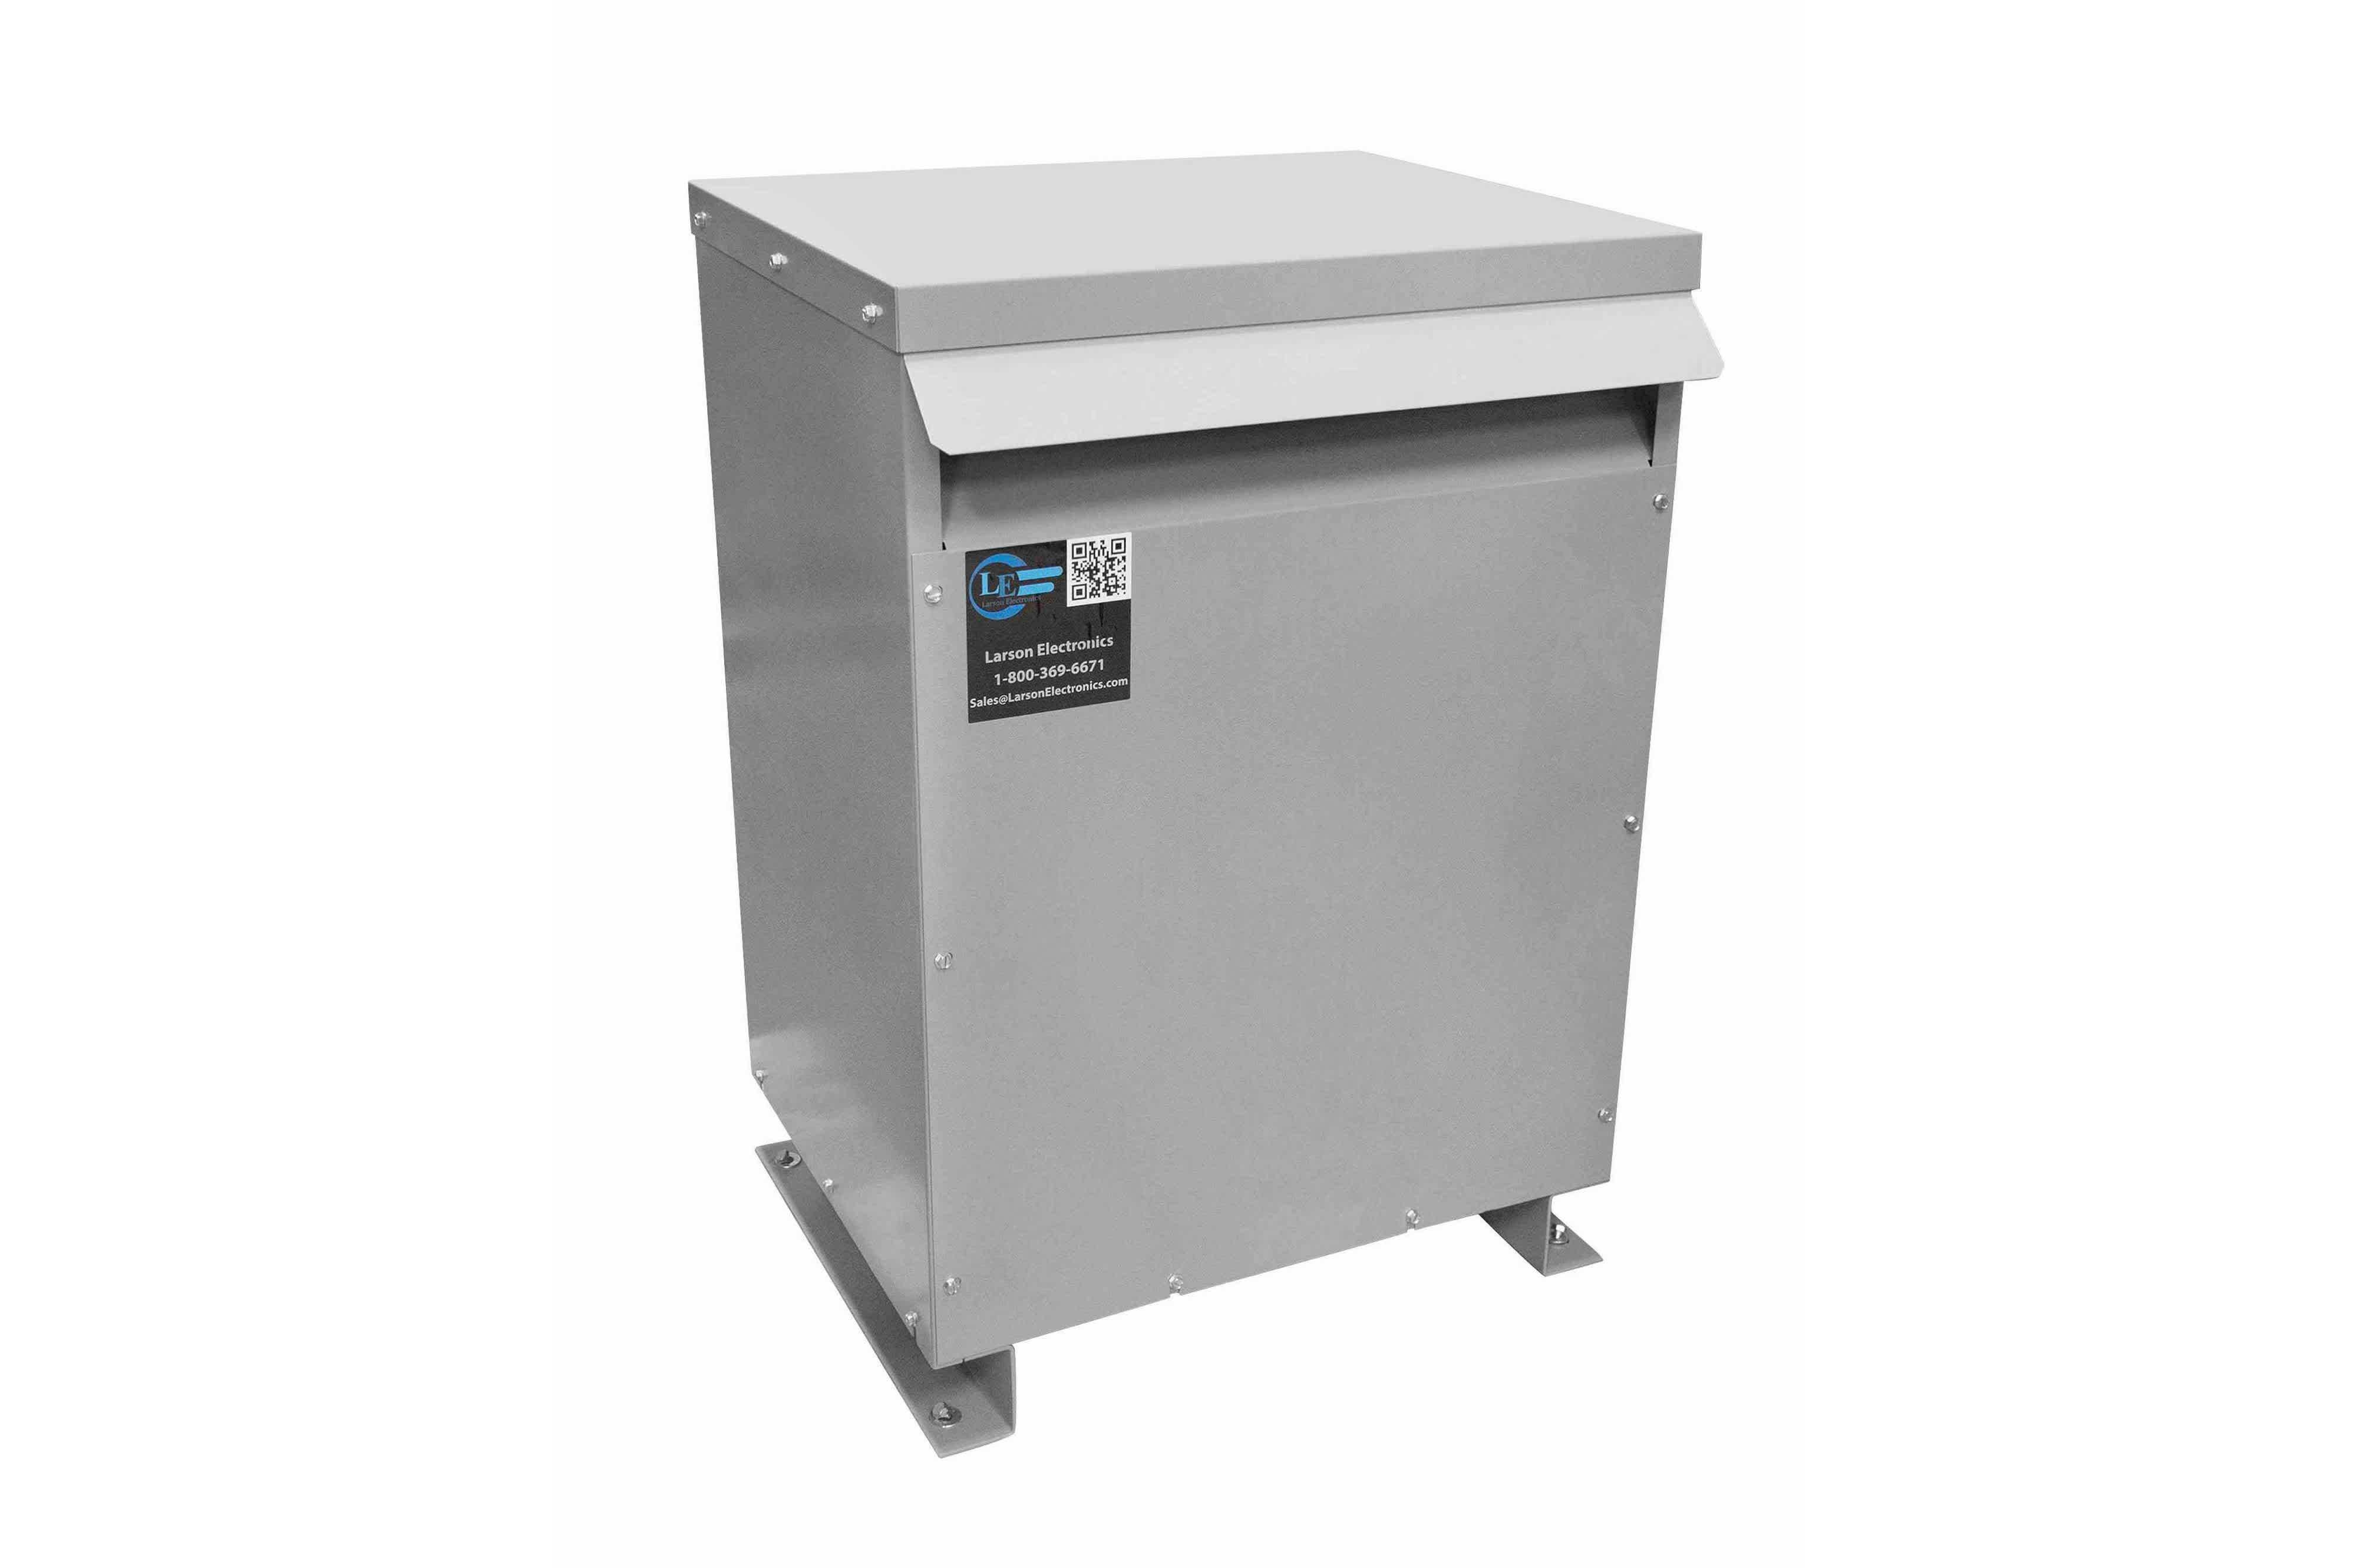 115 kVA 3PH Isolation Transformer, 600V Delta Primary, 208V Delta Secondary, N3R, Ventilated, 60 Hz